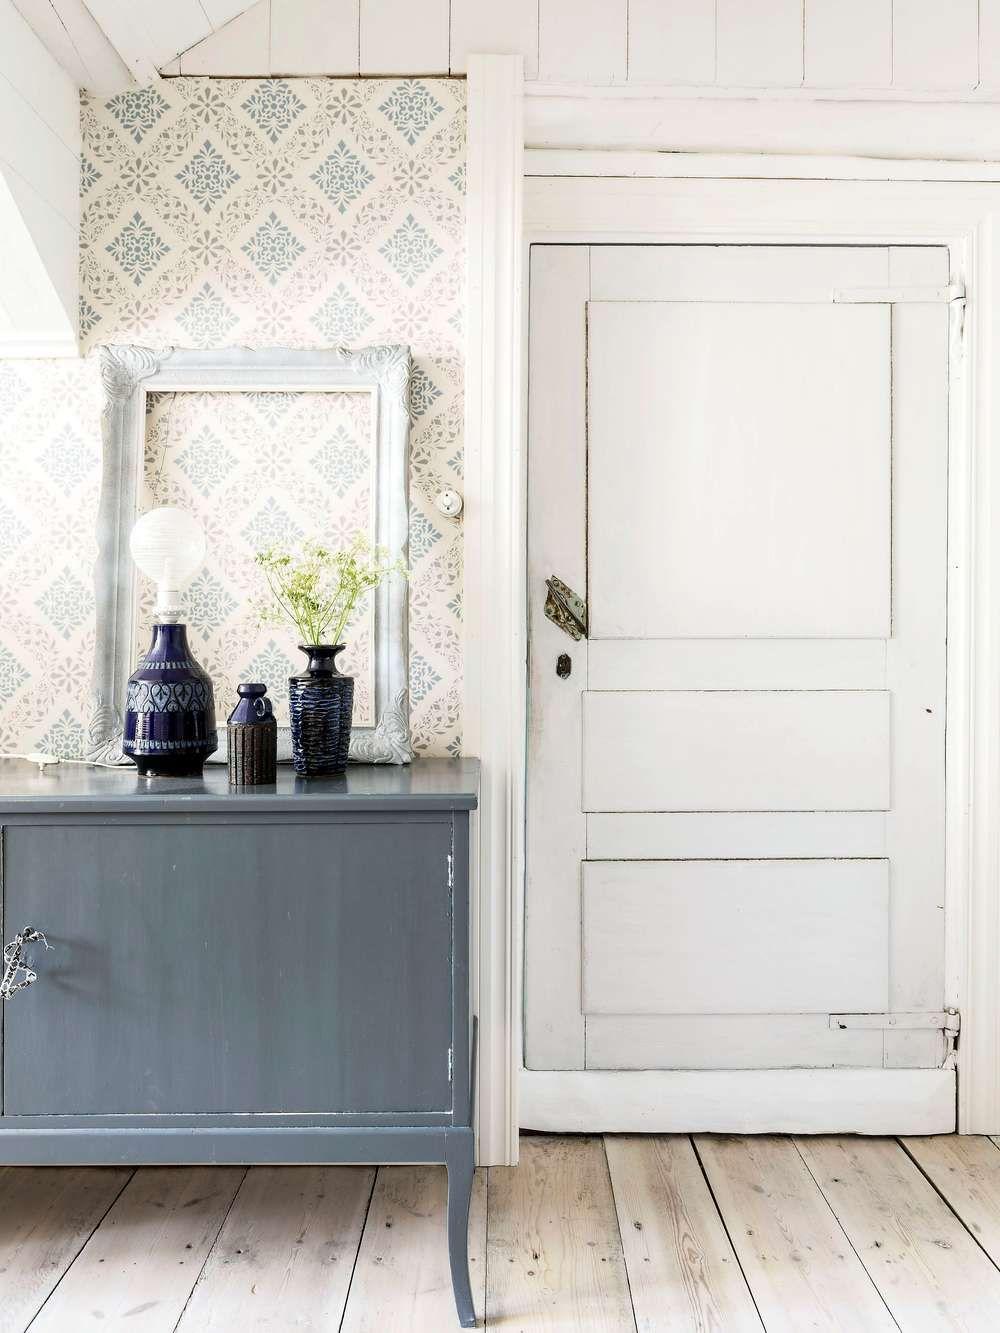 ᎶÅRDSDRÖMMᏋN BLᏋV SANN | Den gamla byrån har målats i en färg som matchar tapeten från Duros gammelsvenska kollektion. Dörren till Elijahs rum är original från 1800-tal.